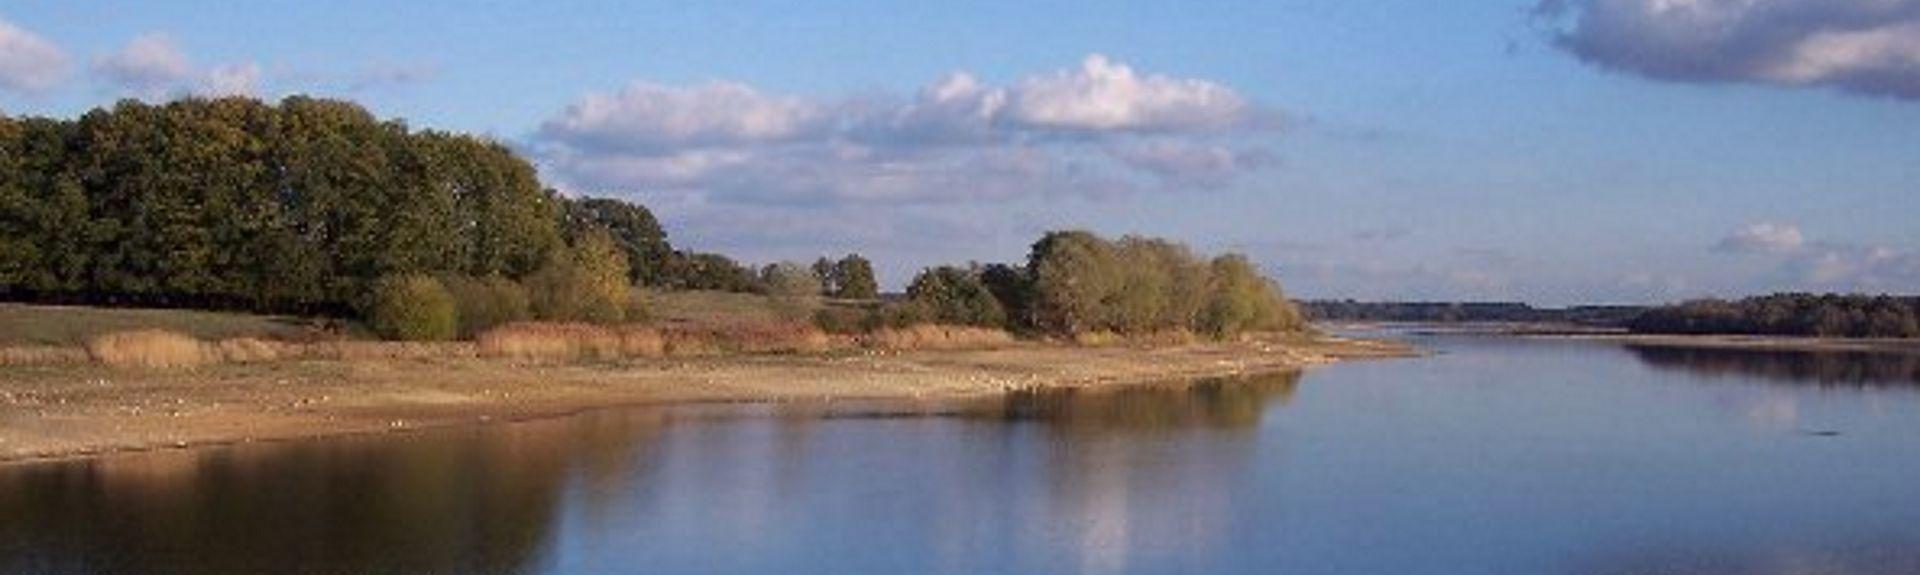 Lublé, Indre-et-Loire (departement), Frankrijk